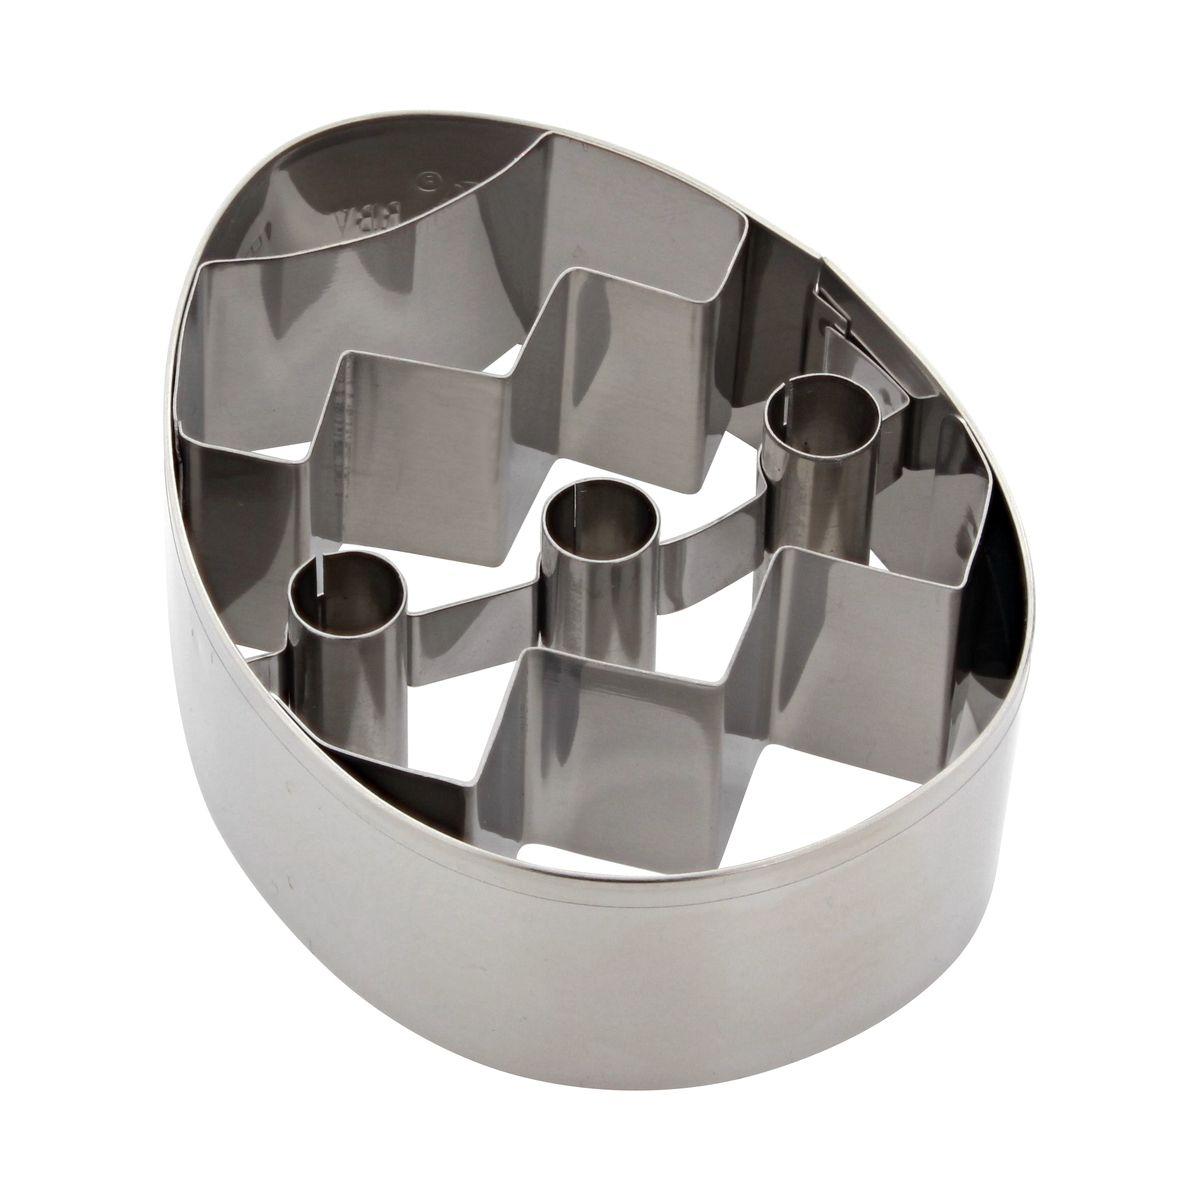 Emporte-pièce œuf décoré 8cm - Birkmann